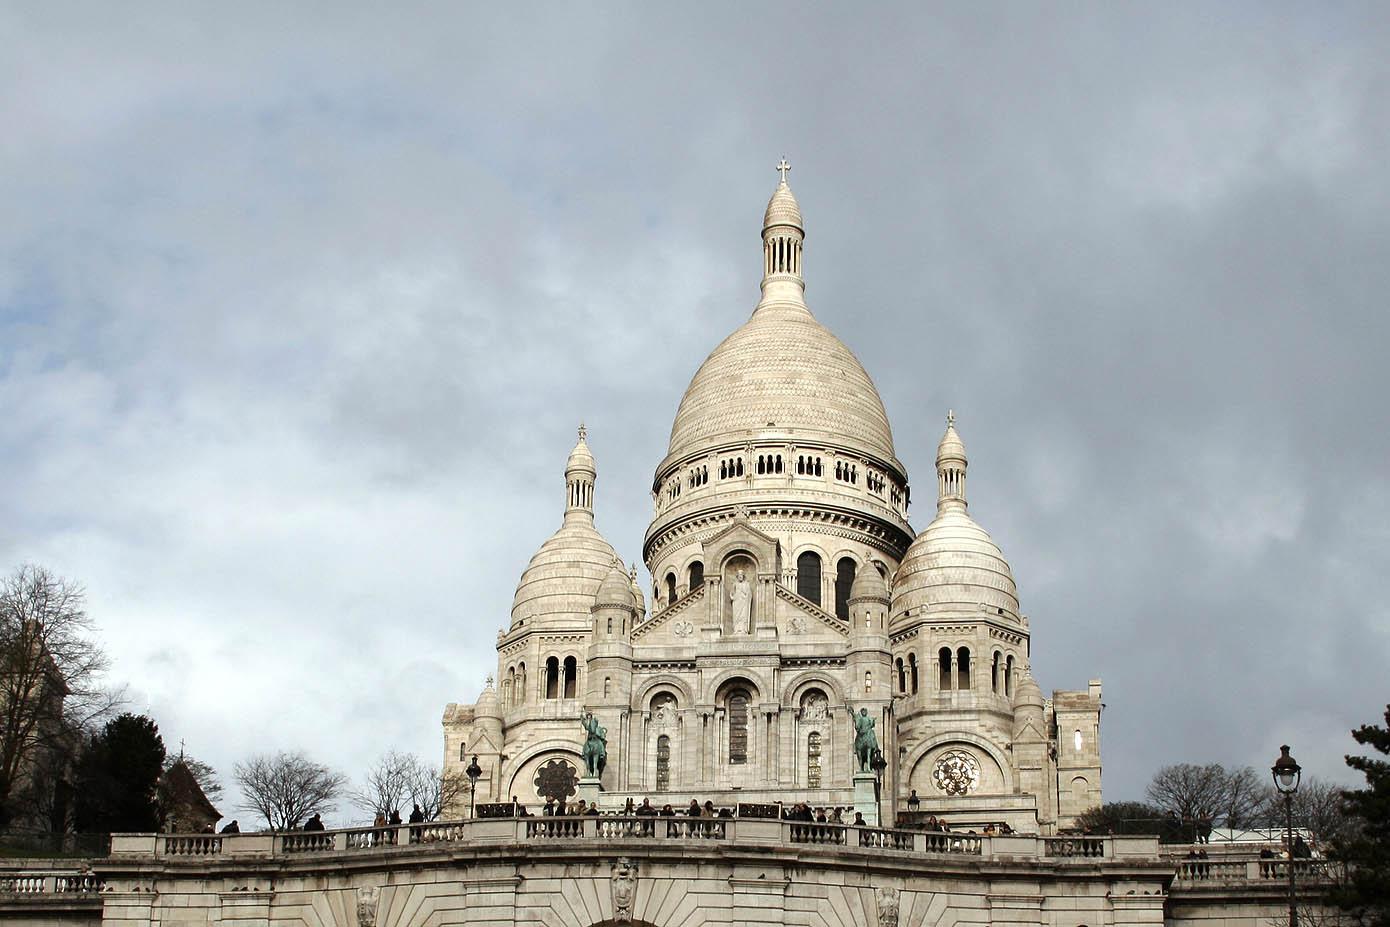 Qué hacer en París: Jardines de luxemburgo - Avantrip Blog